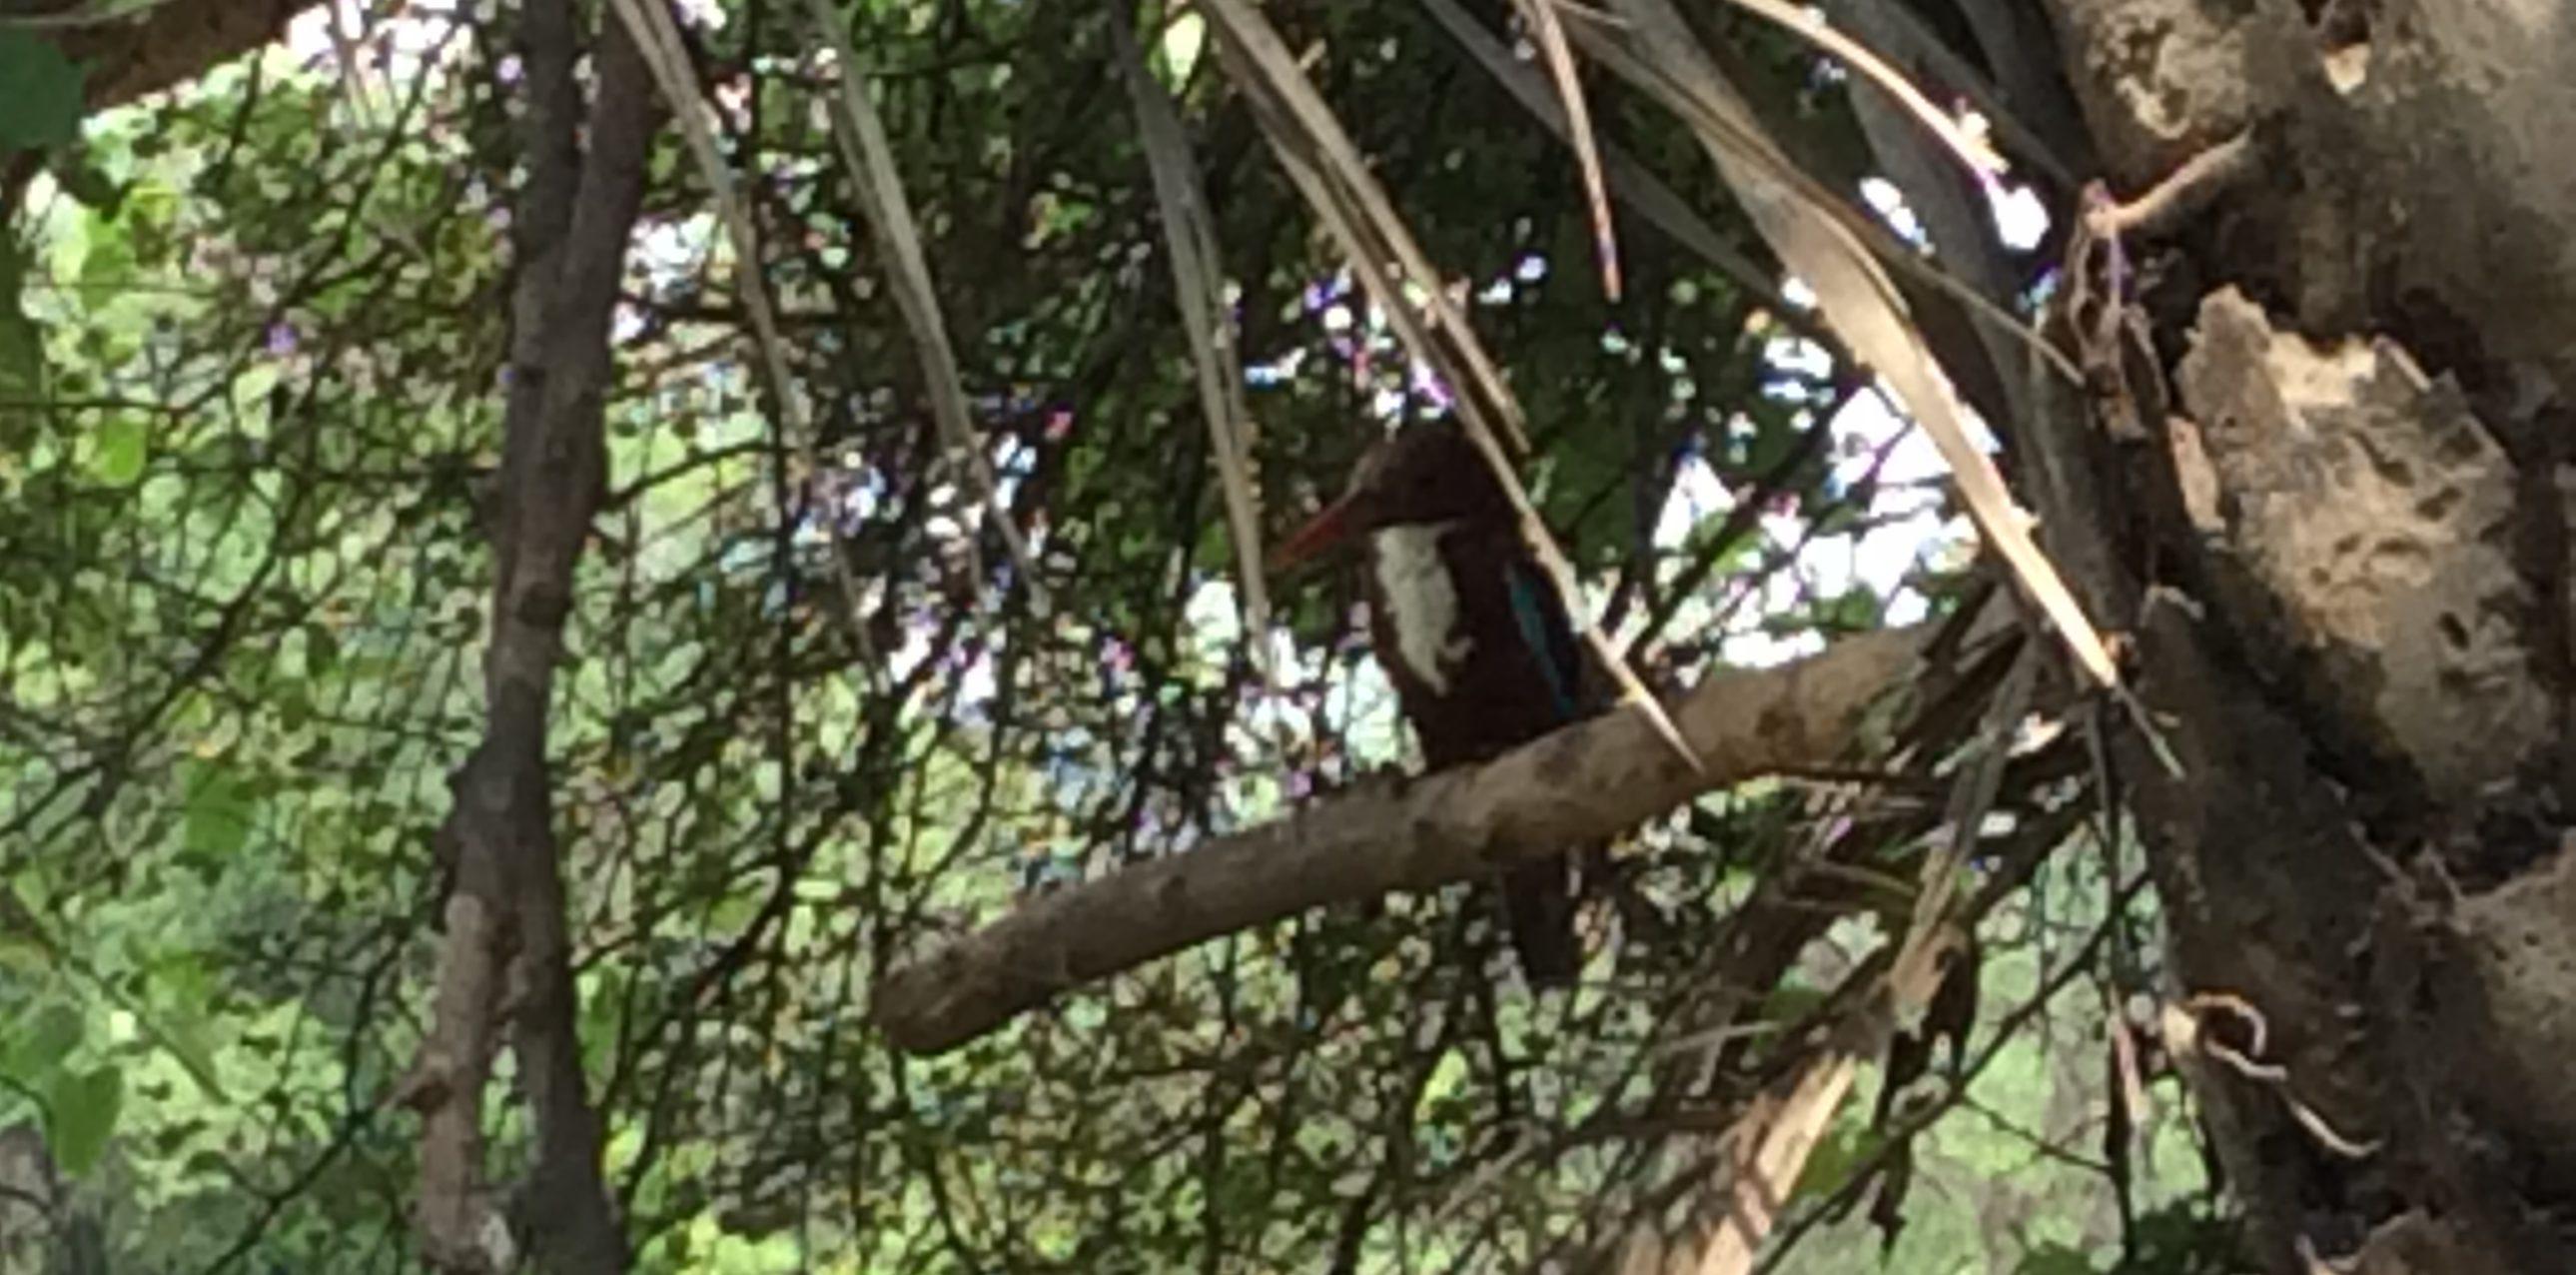 Eine maue Aufnahme eine Eisvogels, einer von vielen Kingfishers, die wir gesehen haben.